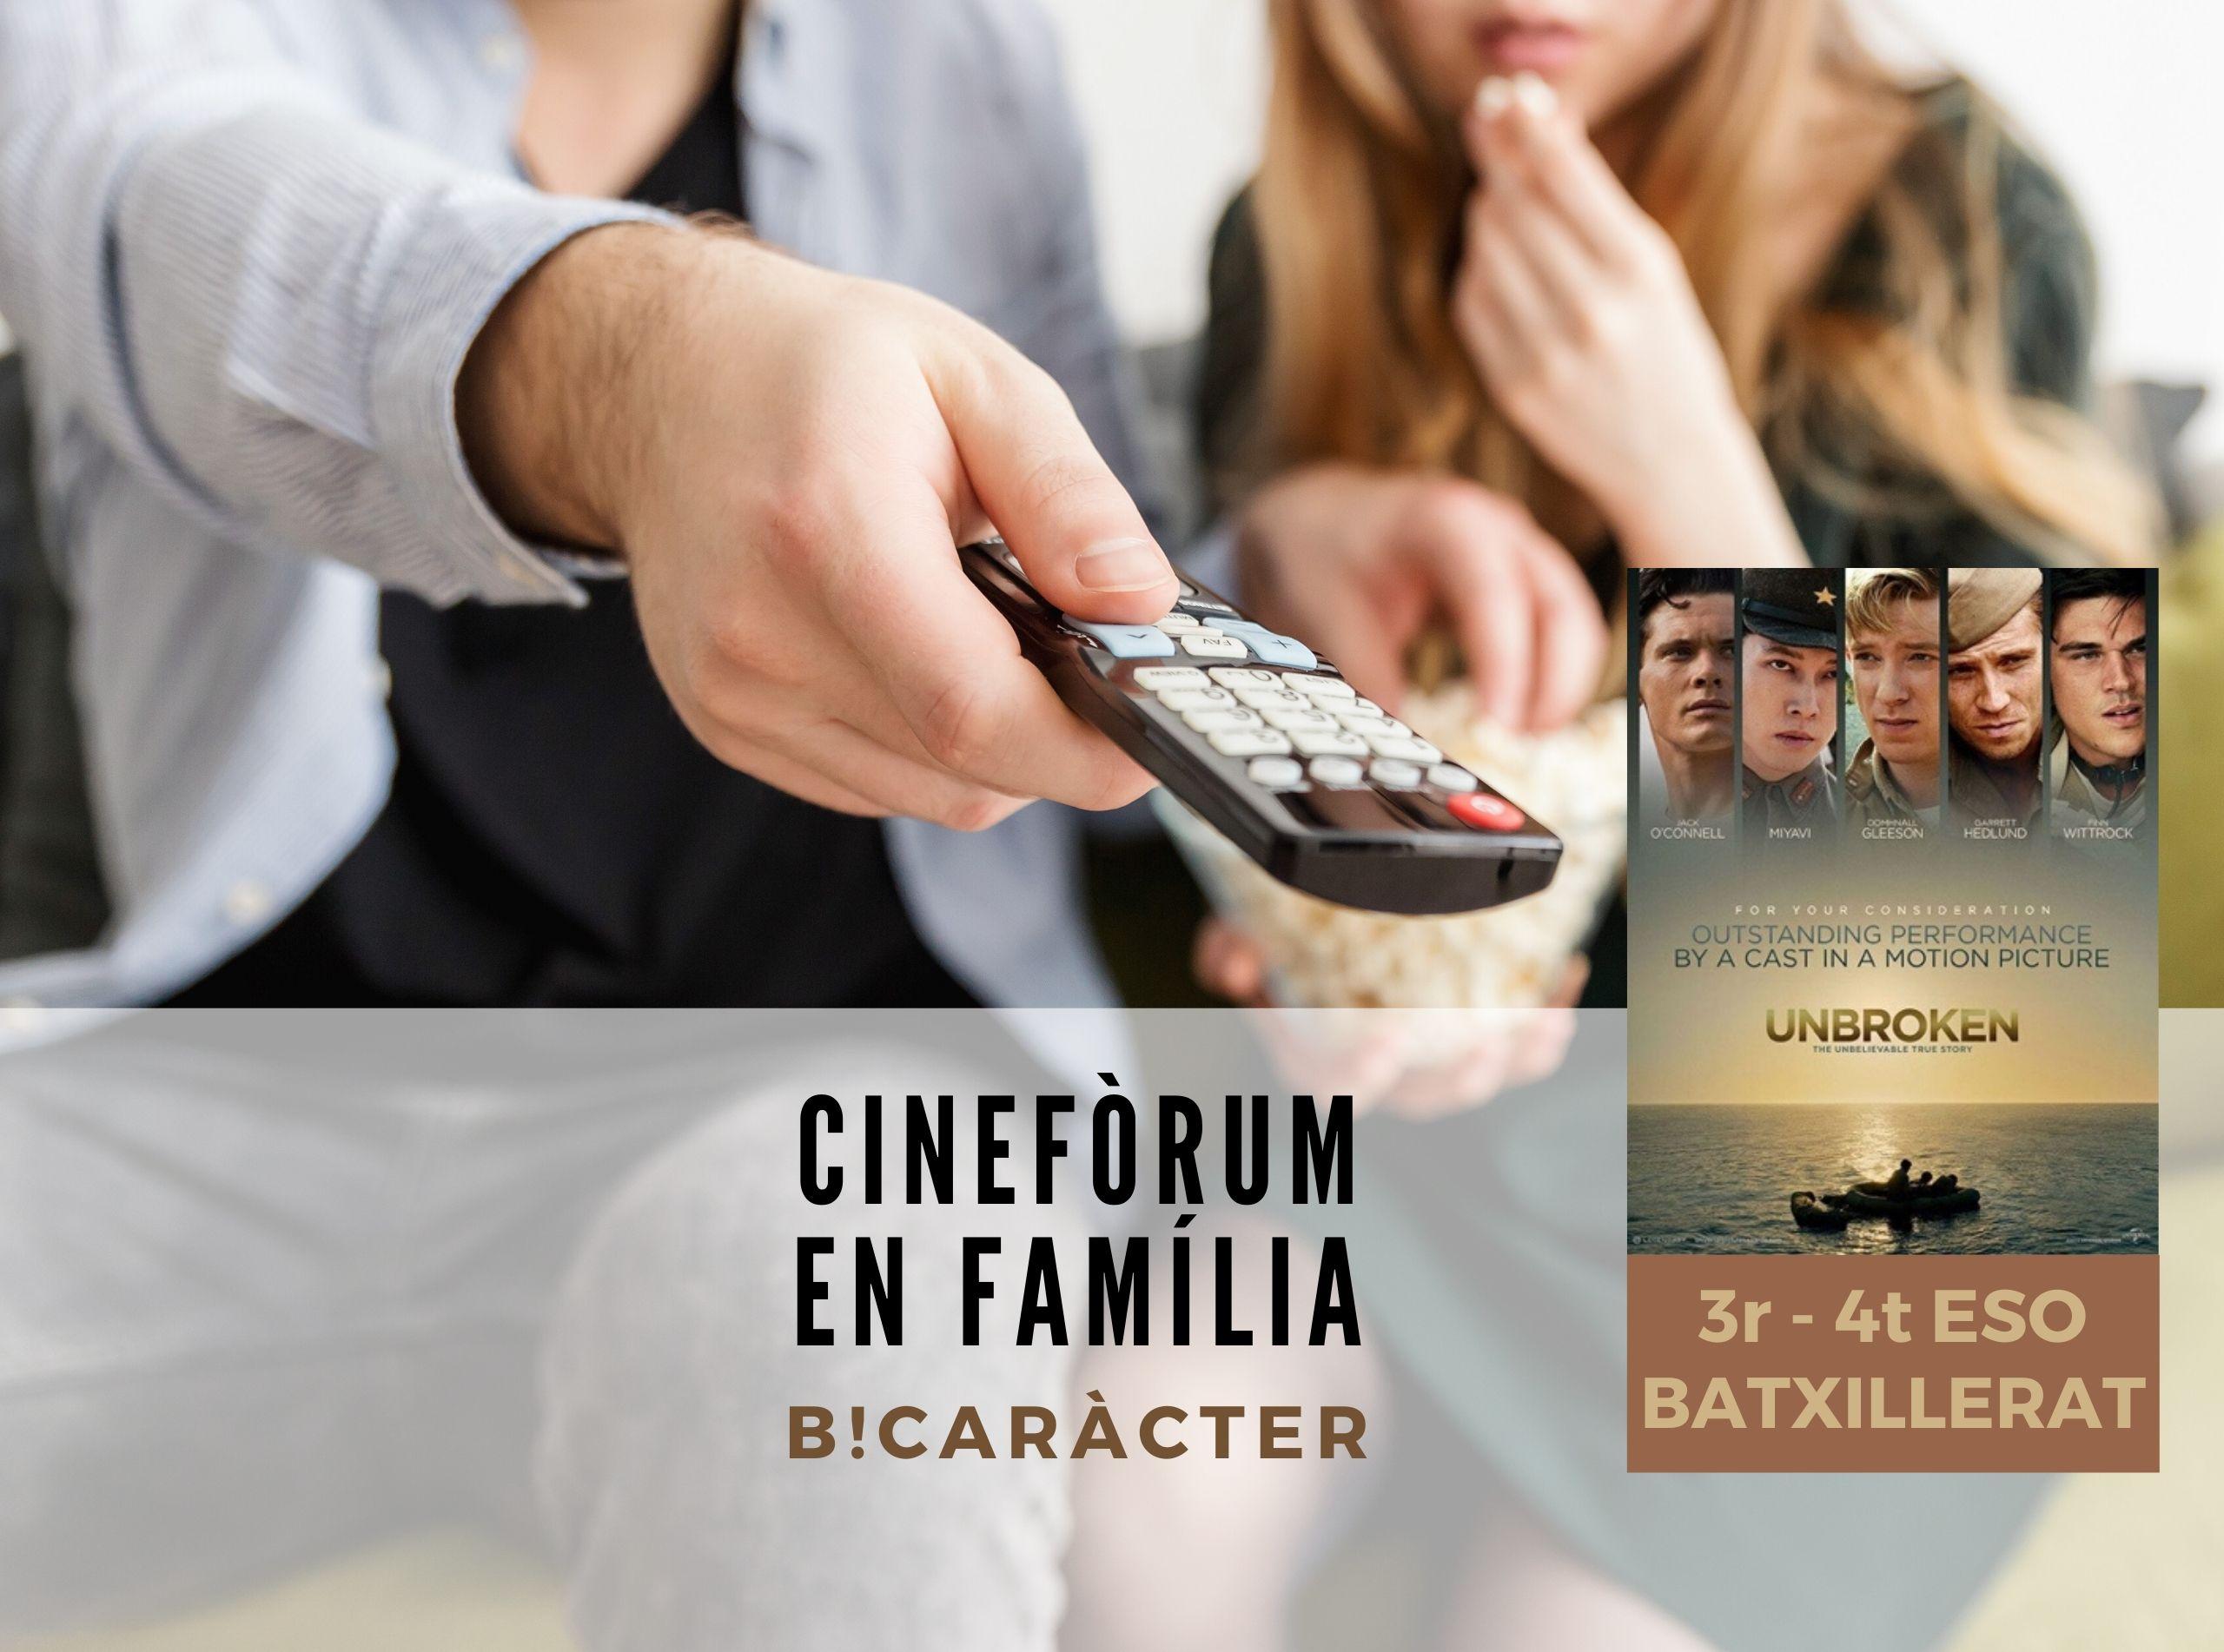 Cinefòrum en família per a 3r i 4t d'ESO i Batxillerat: Invencible (Unbroken)